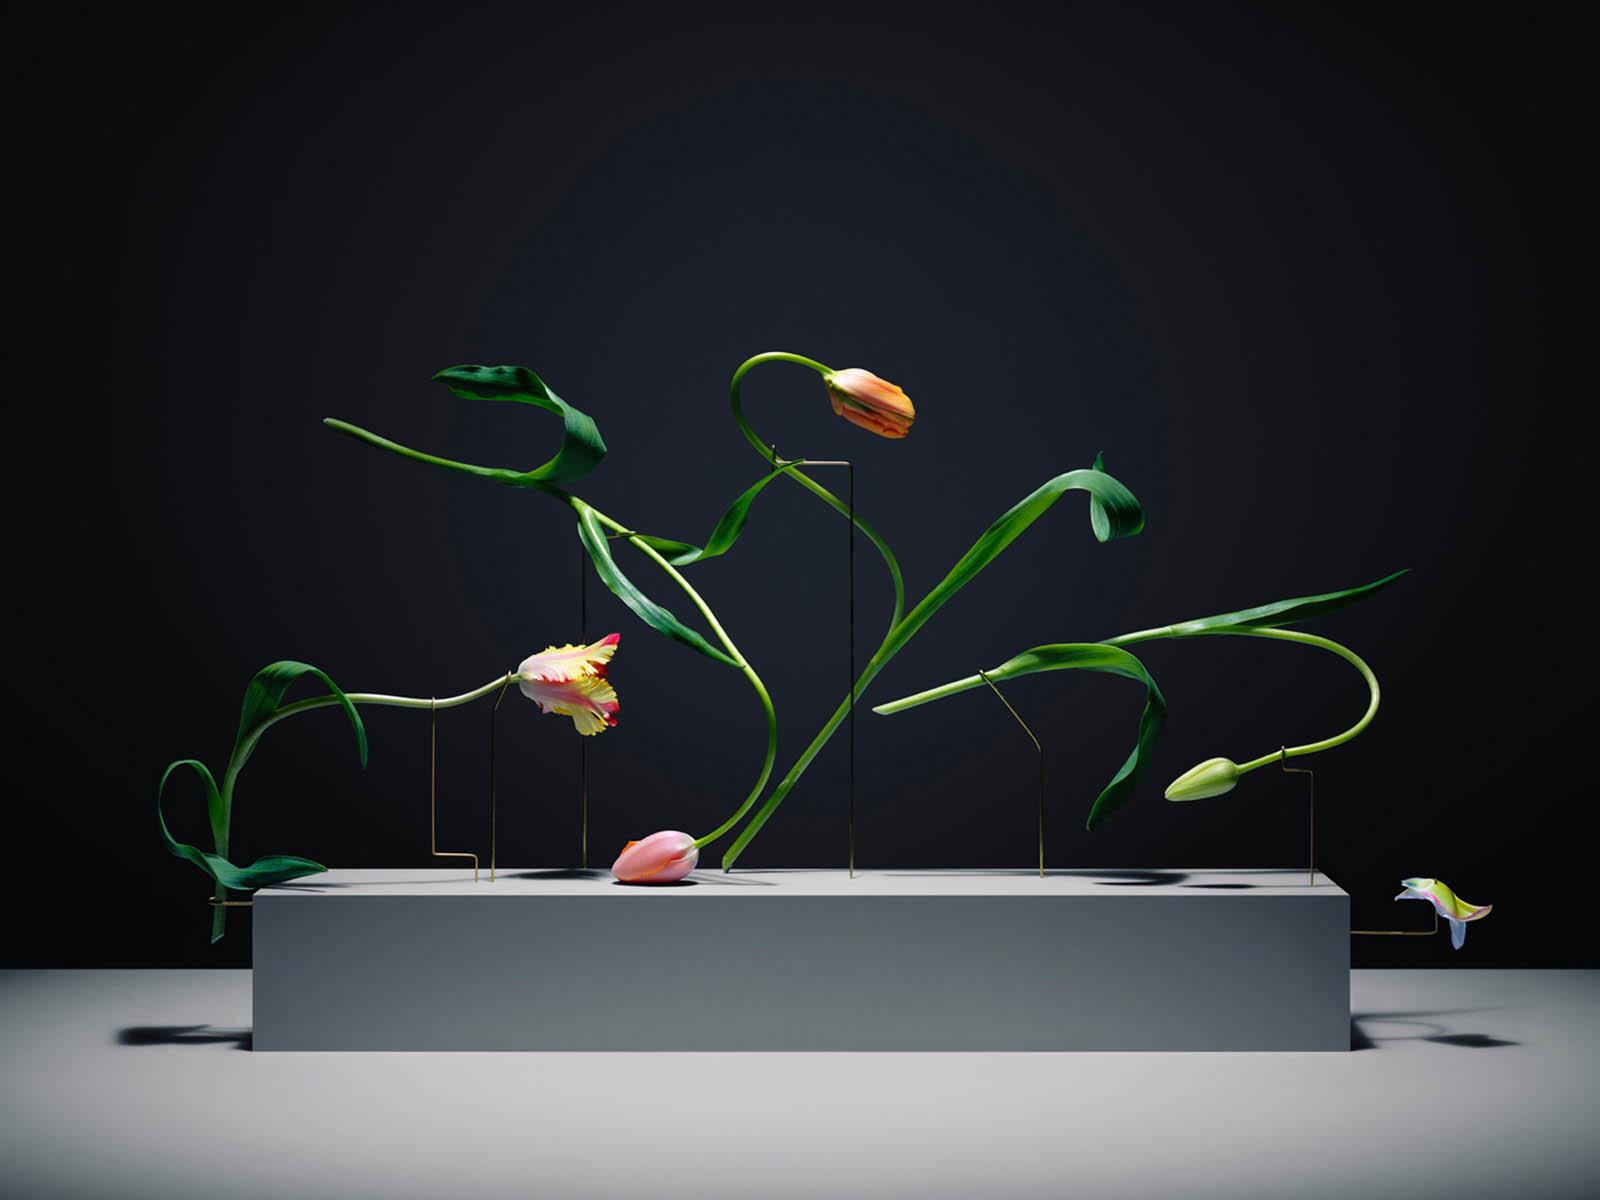 serie postures, los tulipanes en movimiento de Carl Keiner